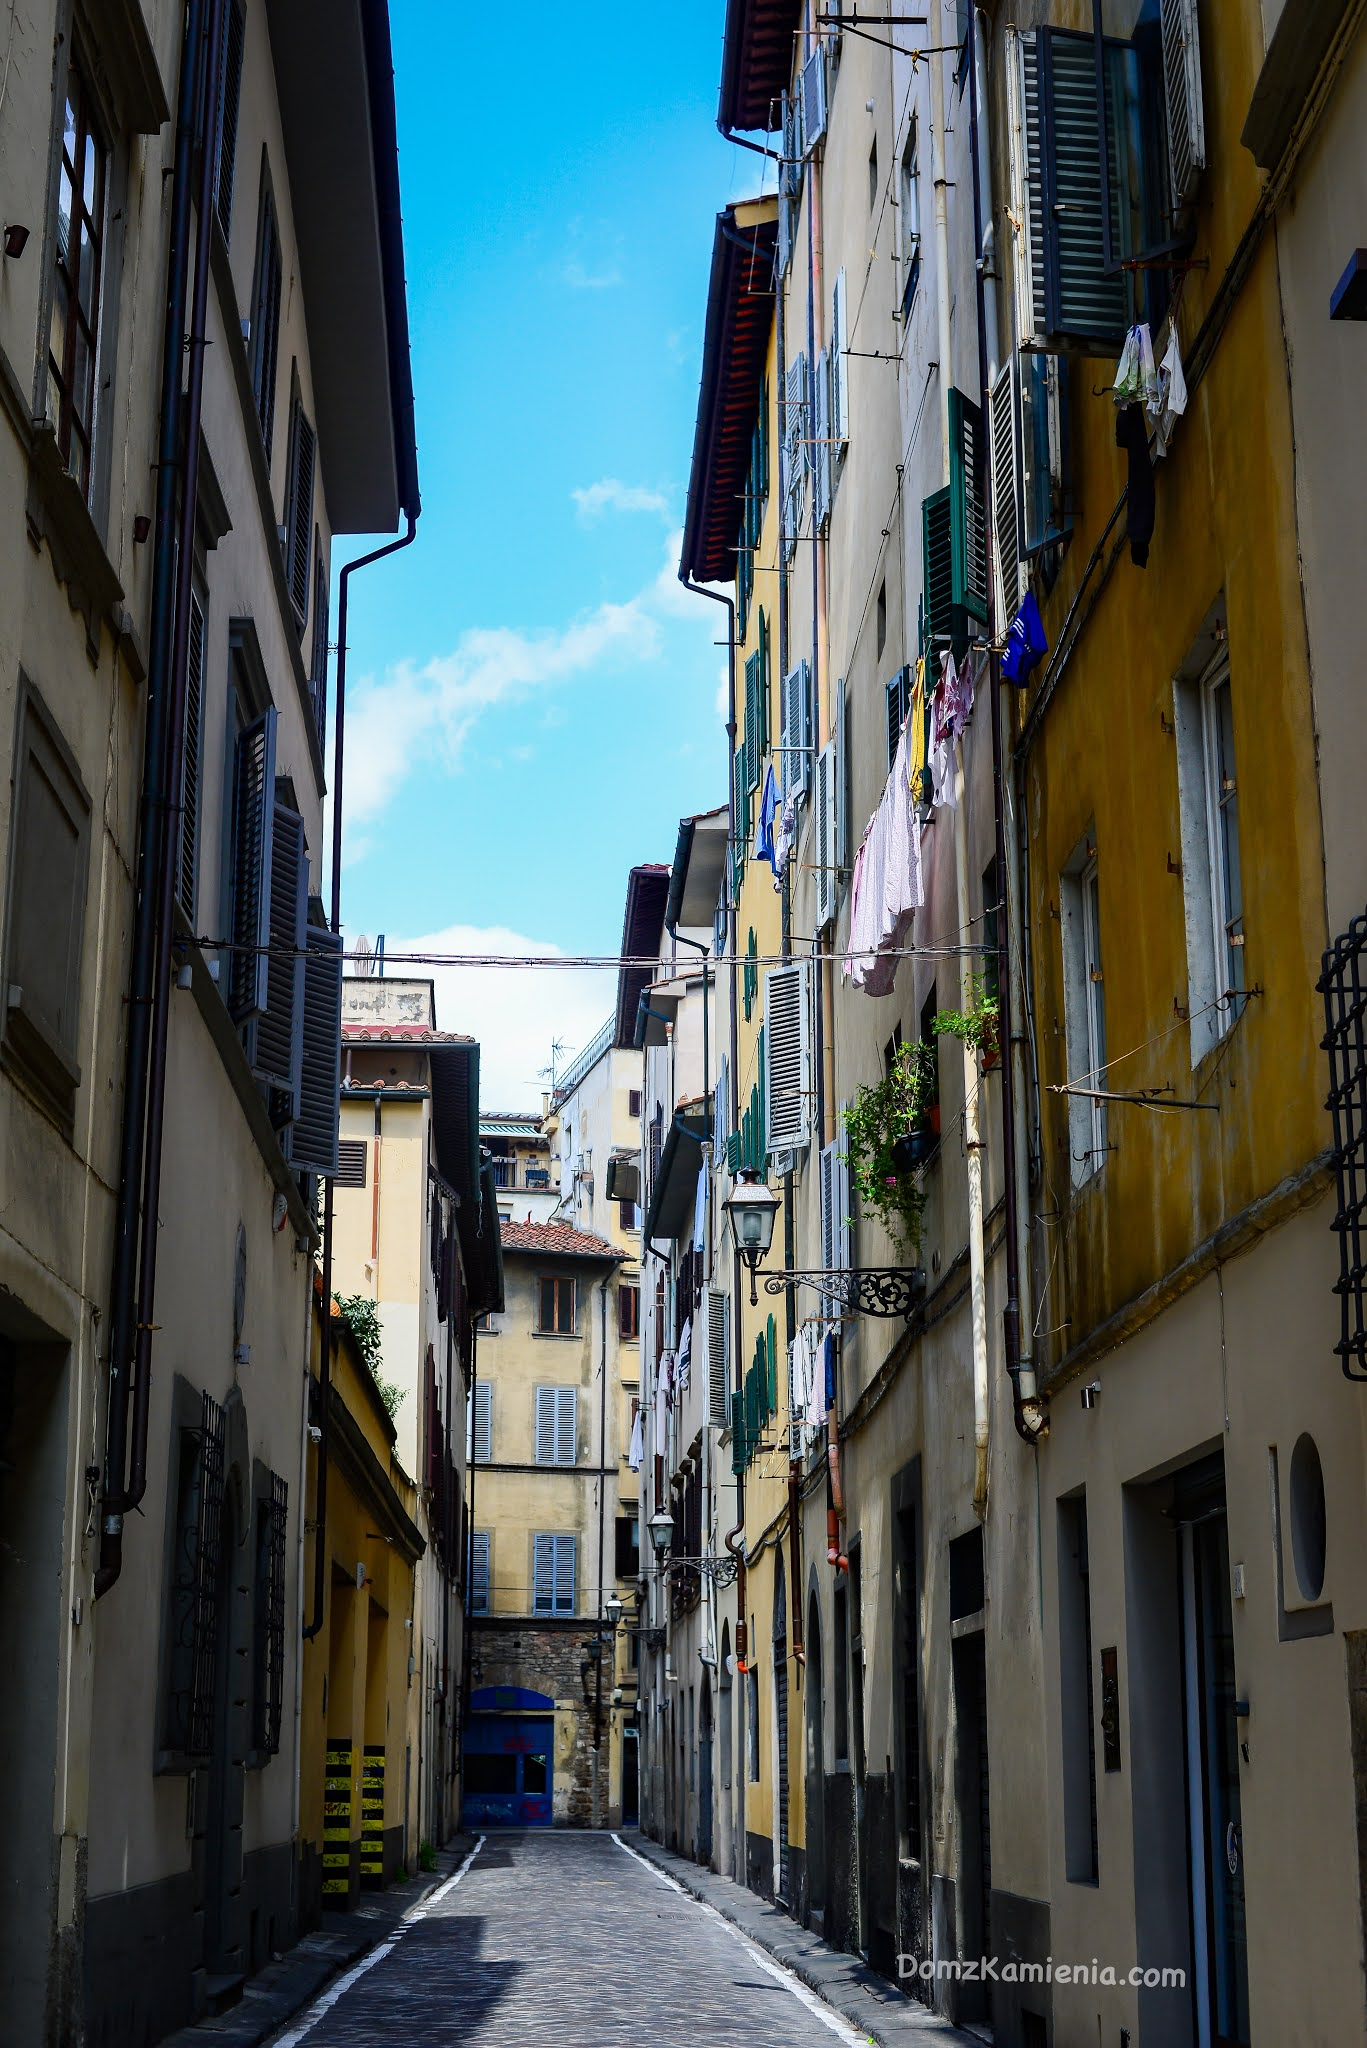 Dom z Kamienia, blog o życiu w Toskanii, Florencja